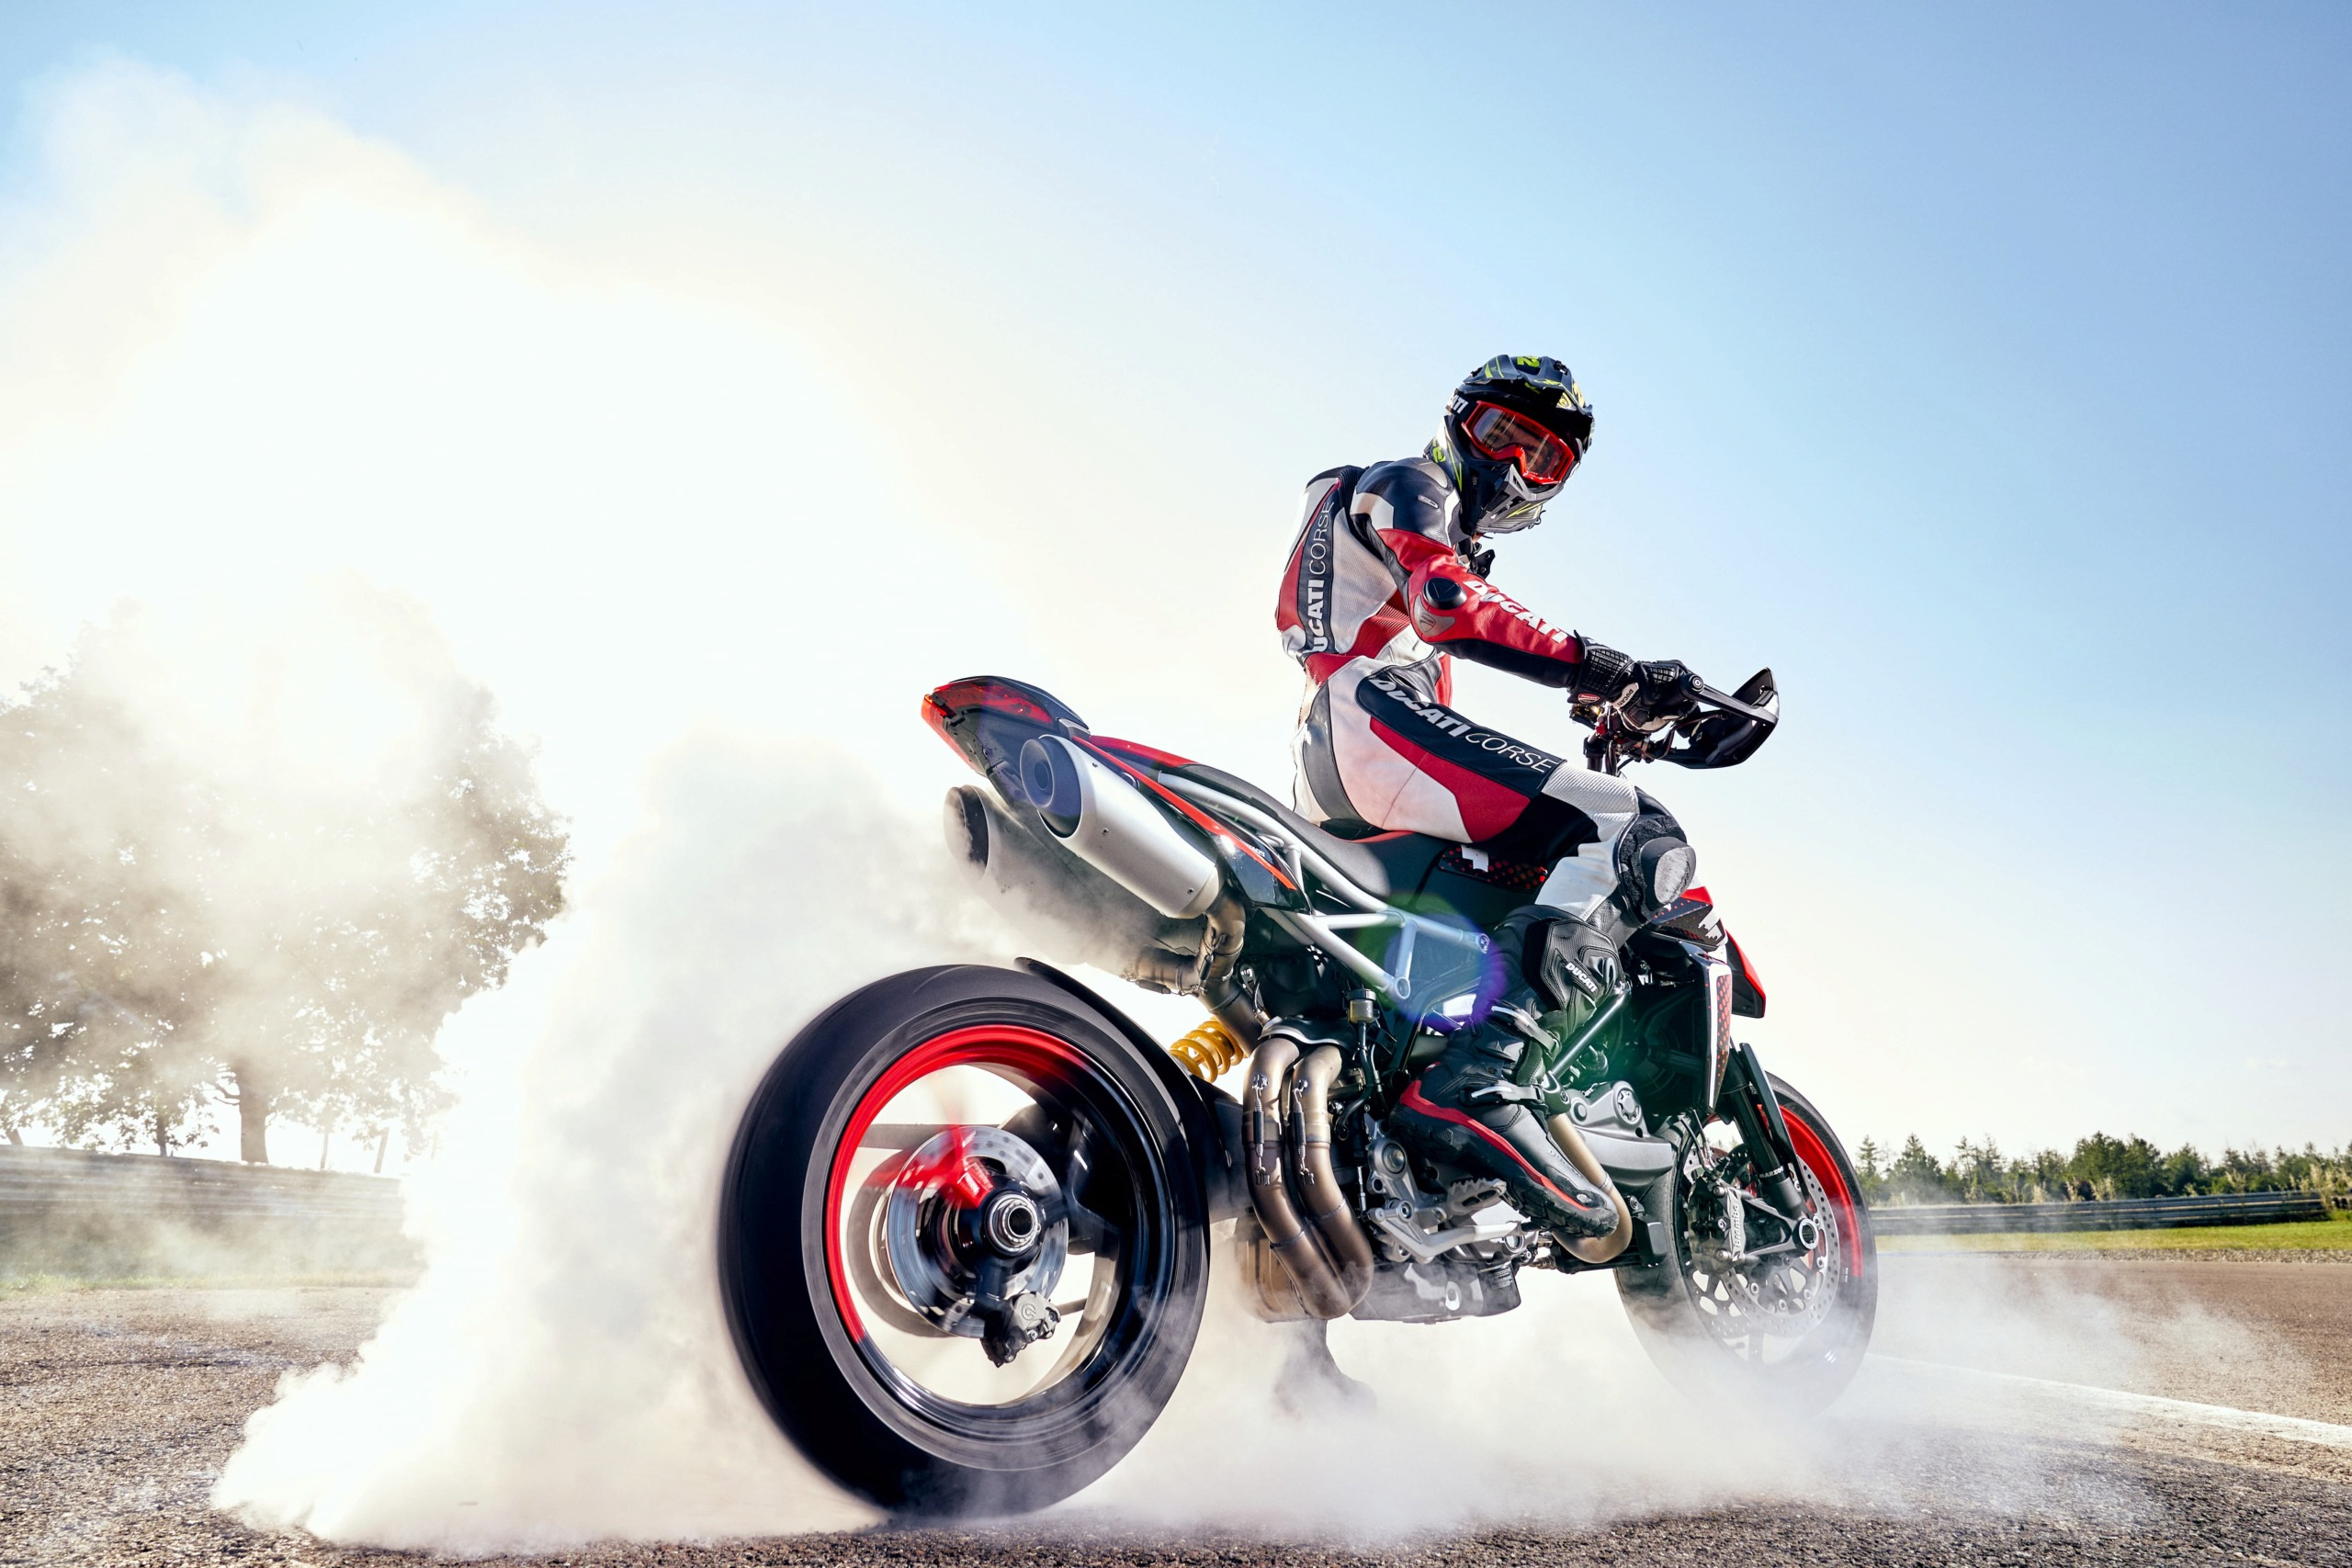 Ducati Hypermotard 950 RVE  Ducati42